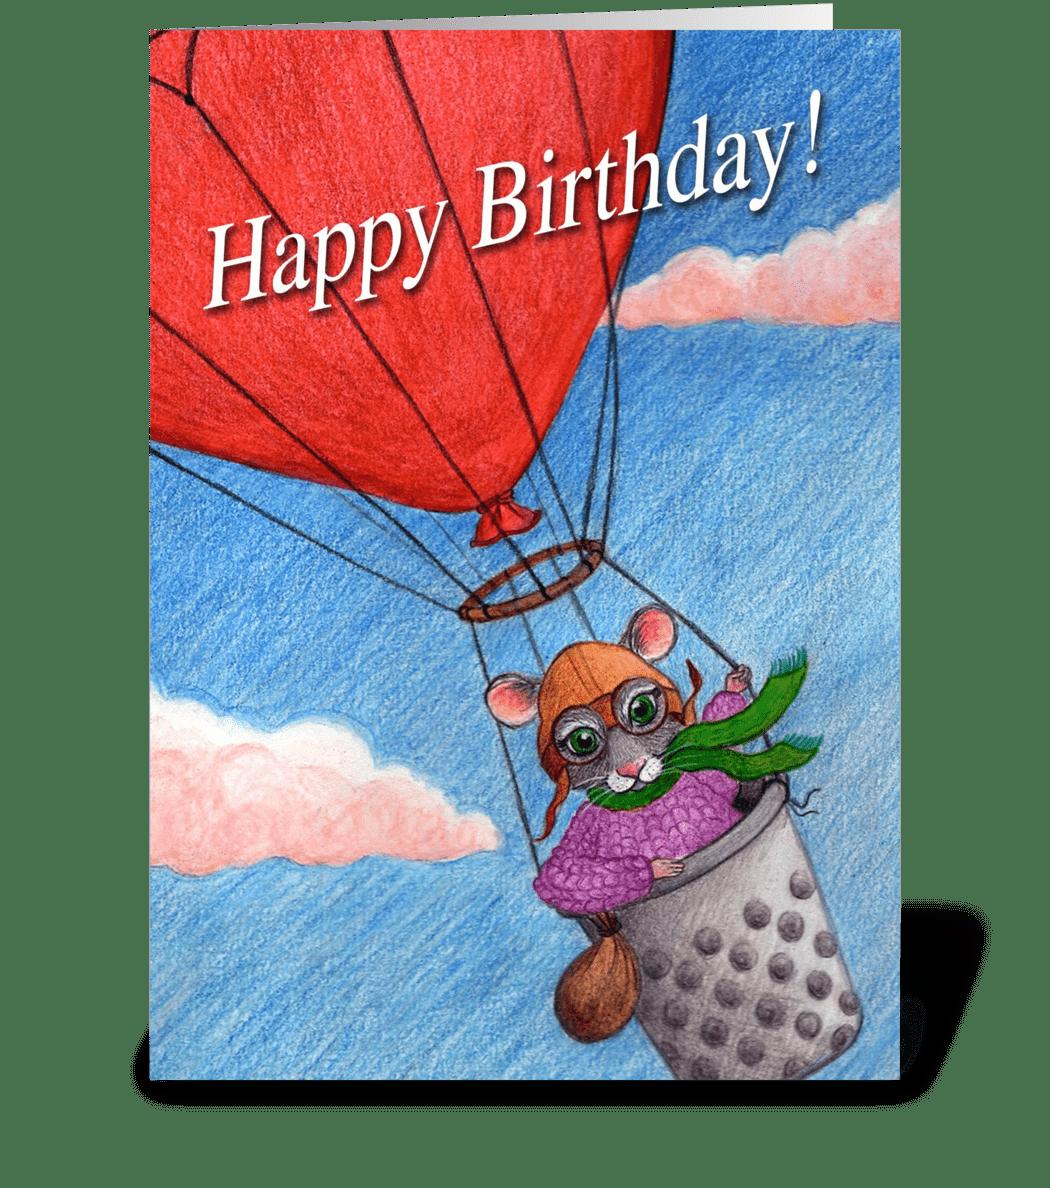 день рождения авиатор открытка искусство необходимо потому